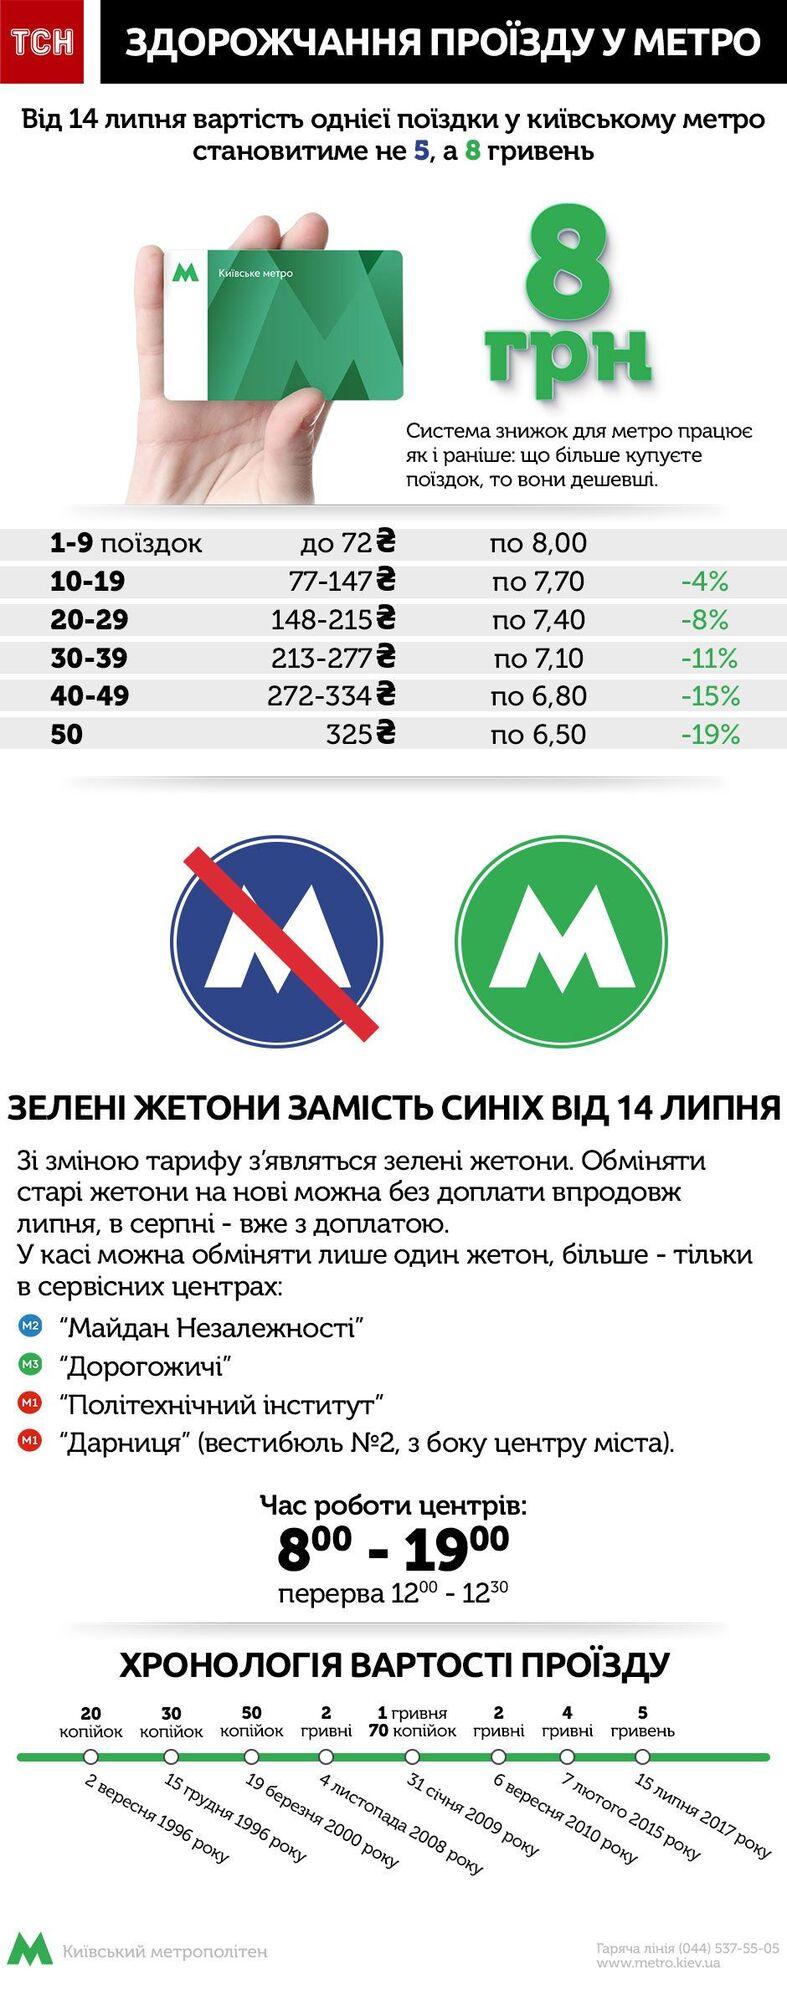 Здорожчання проїзду у Києві: чому і скільки коштуватиме